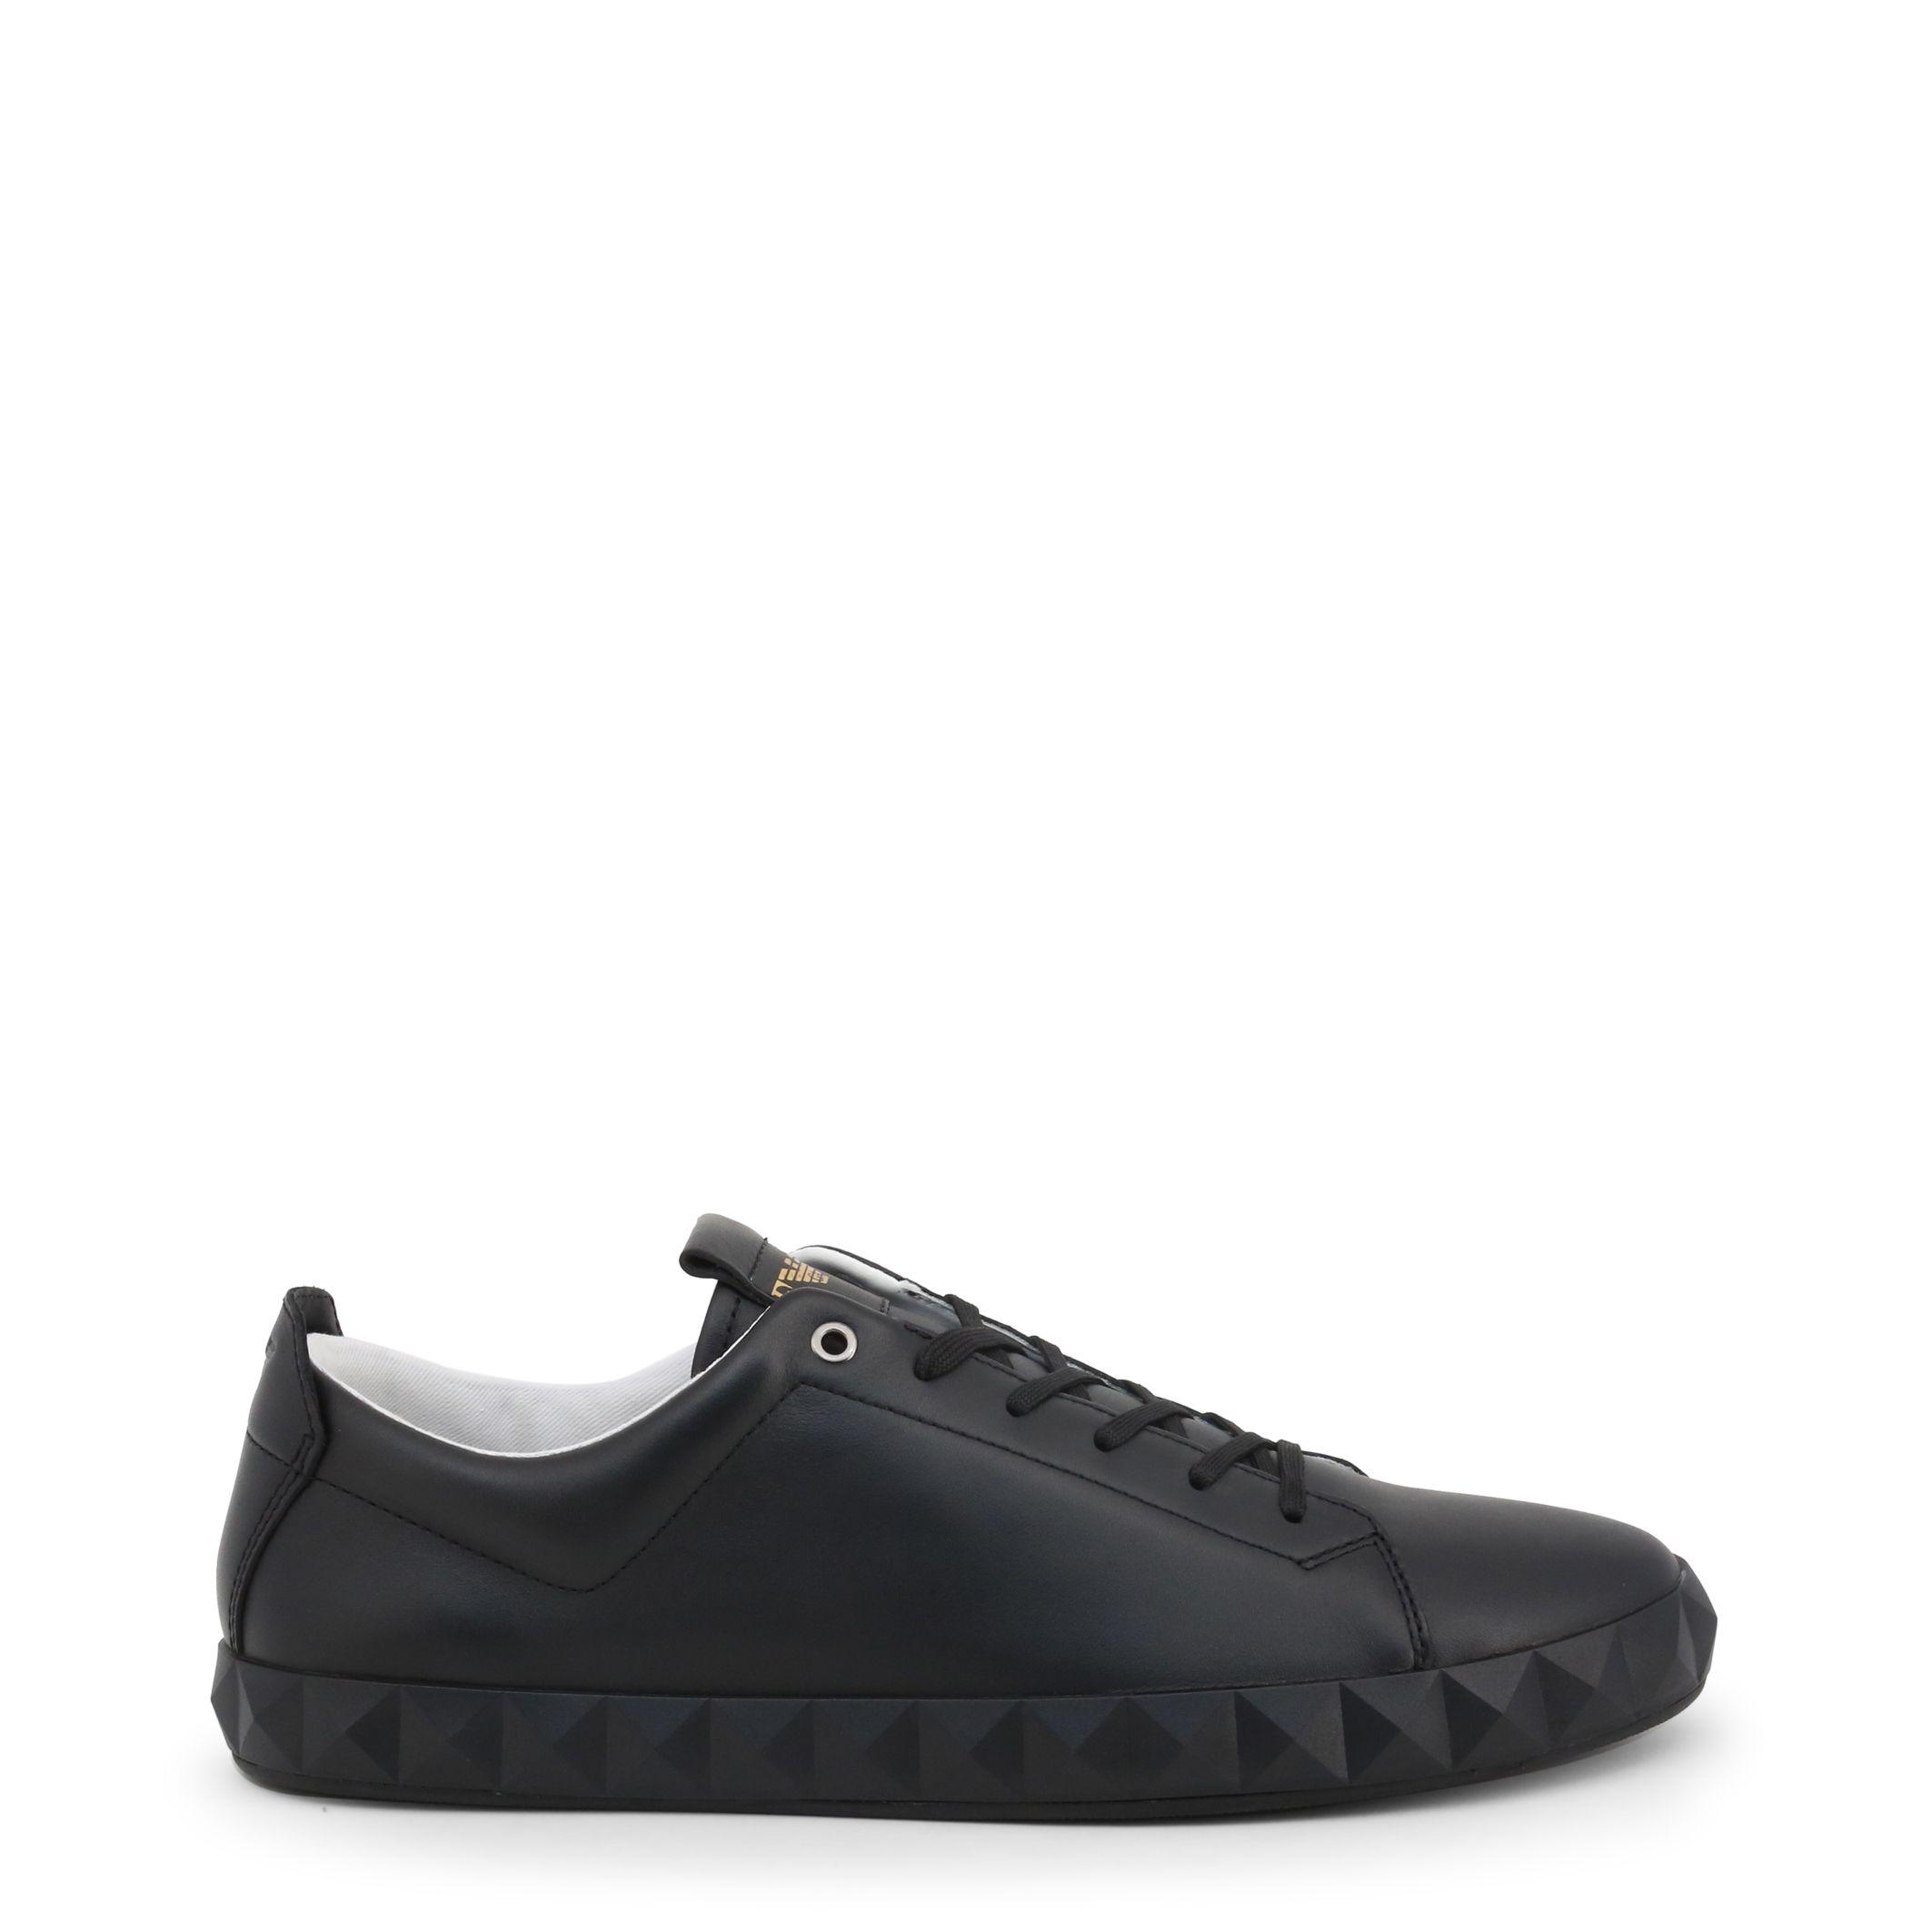 Schuhe Emporio Armani – X4X211-XF187 – Schwarz